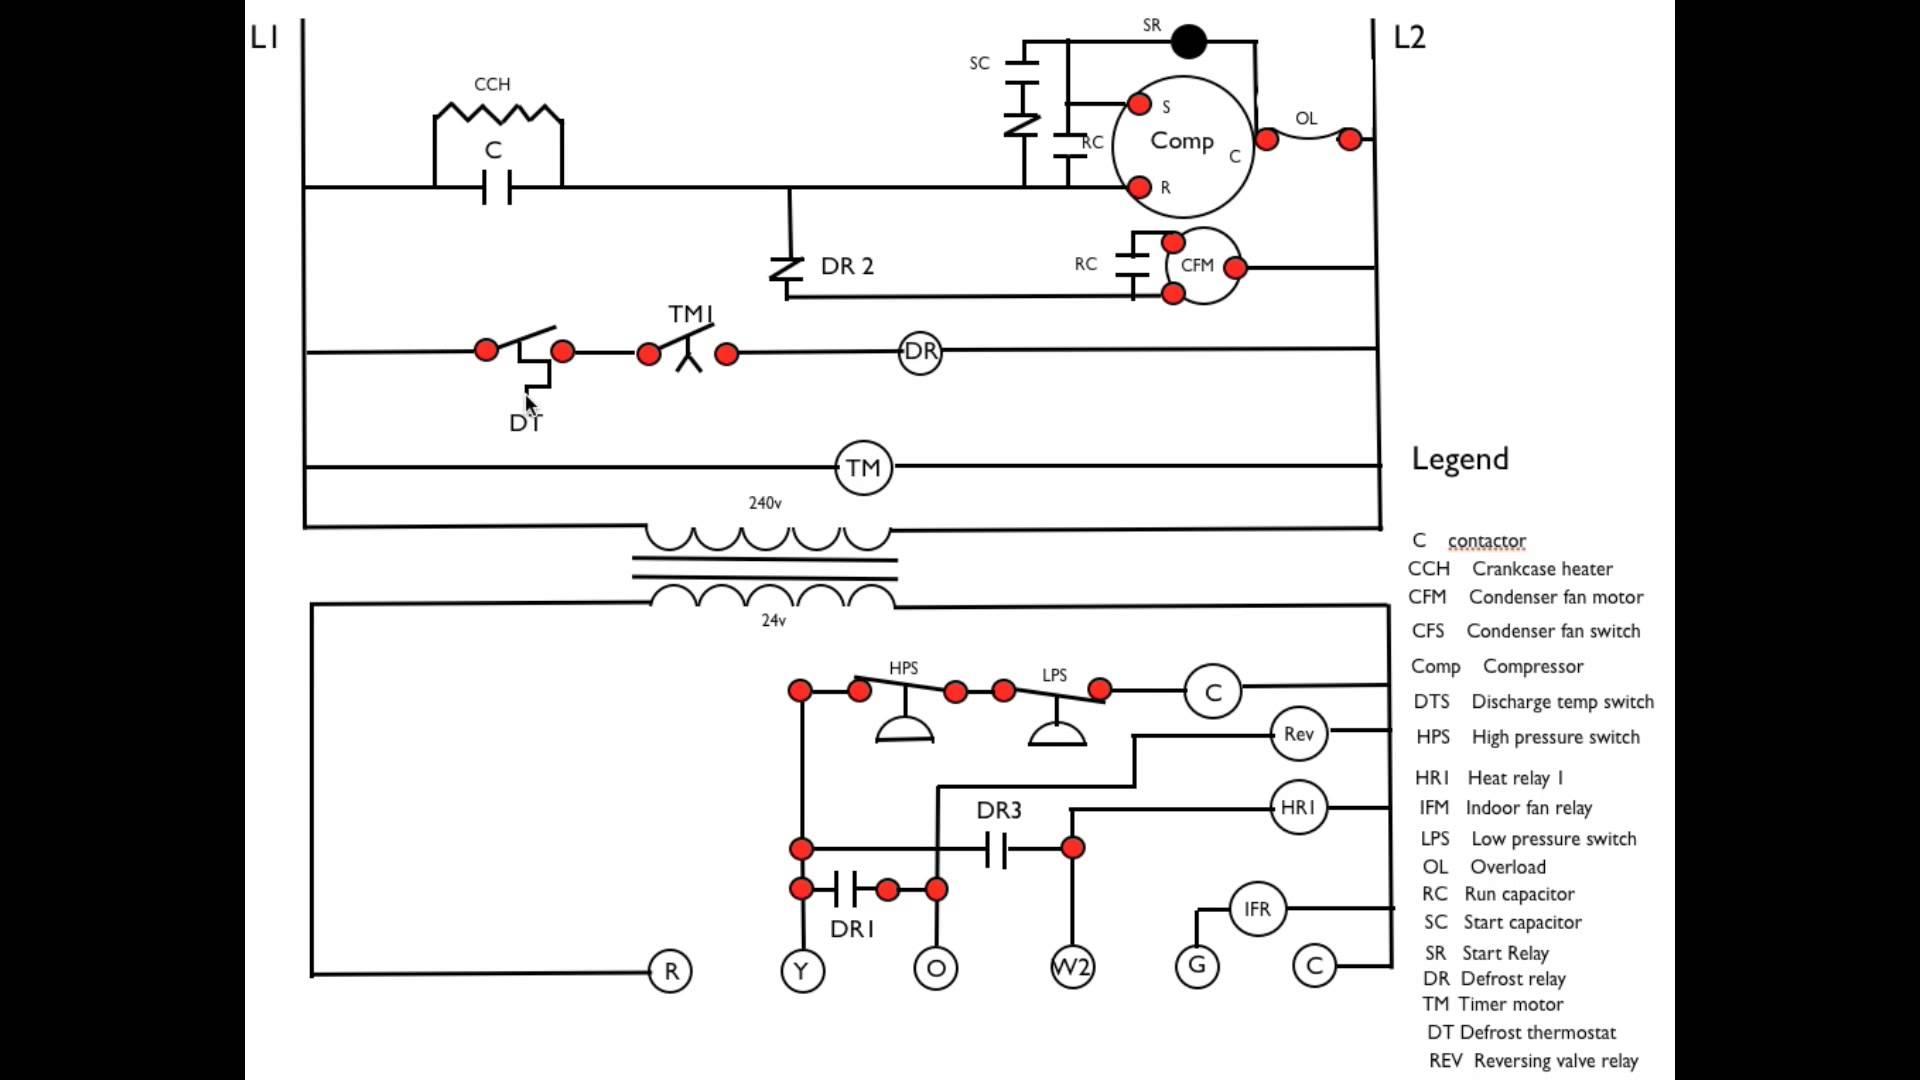 rheem oil furnace wiring diagram efcaviation com Electric Furnace Fan Relay Wiring Diagram Gas Furnace Control Diagram